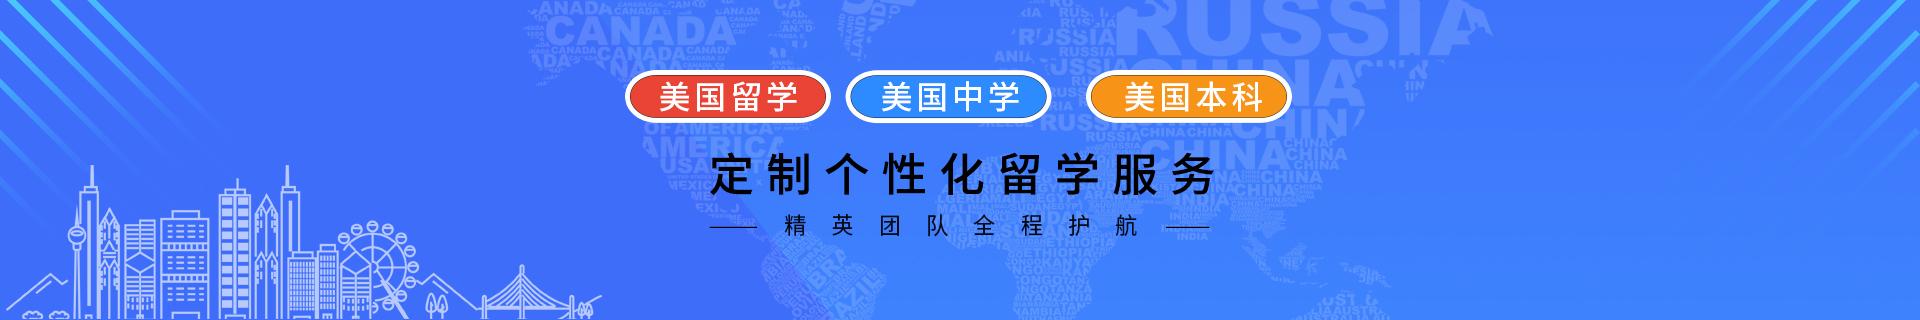 河南漯河飞洋留学机构